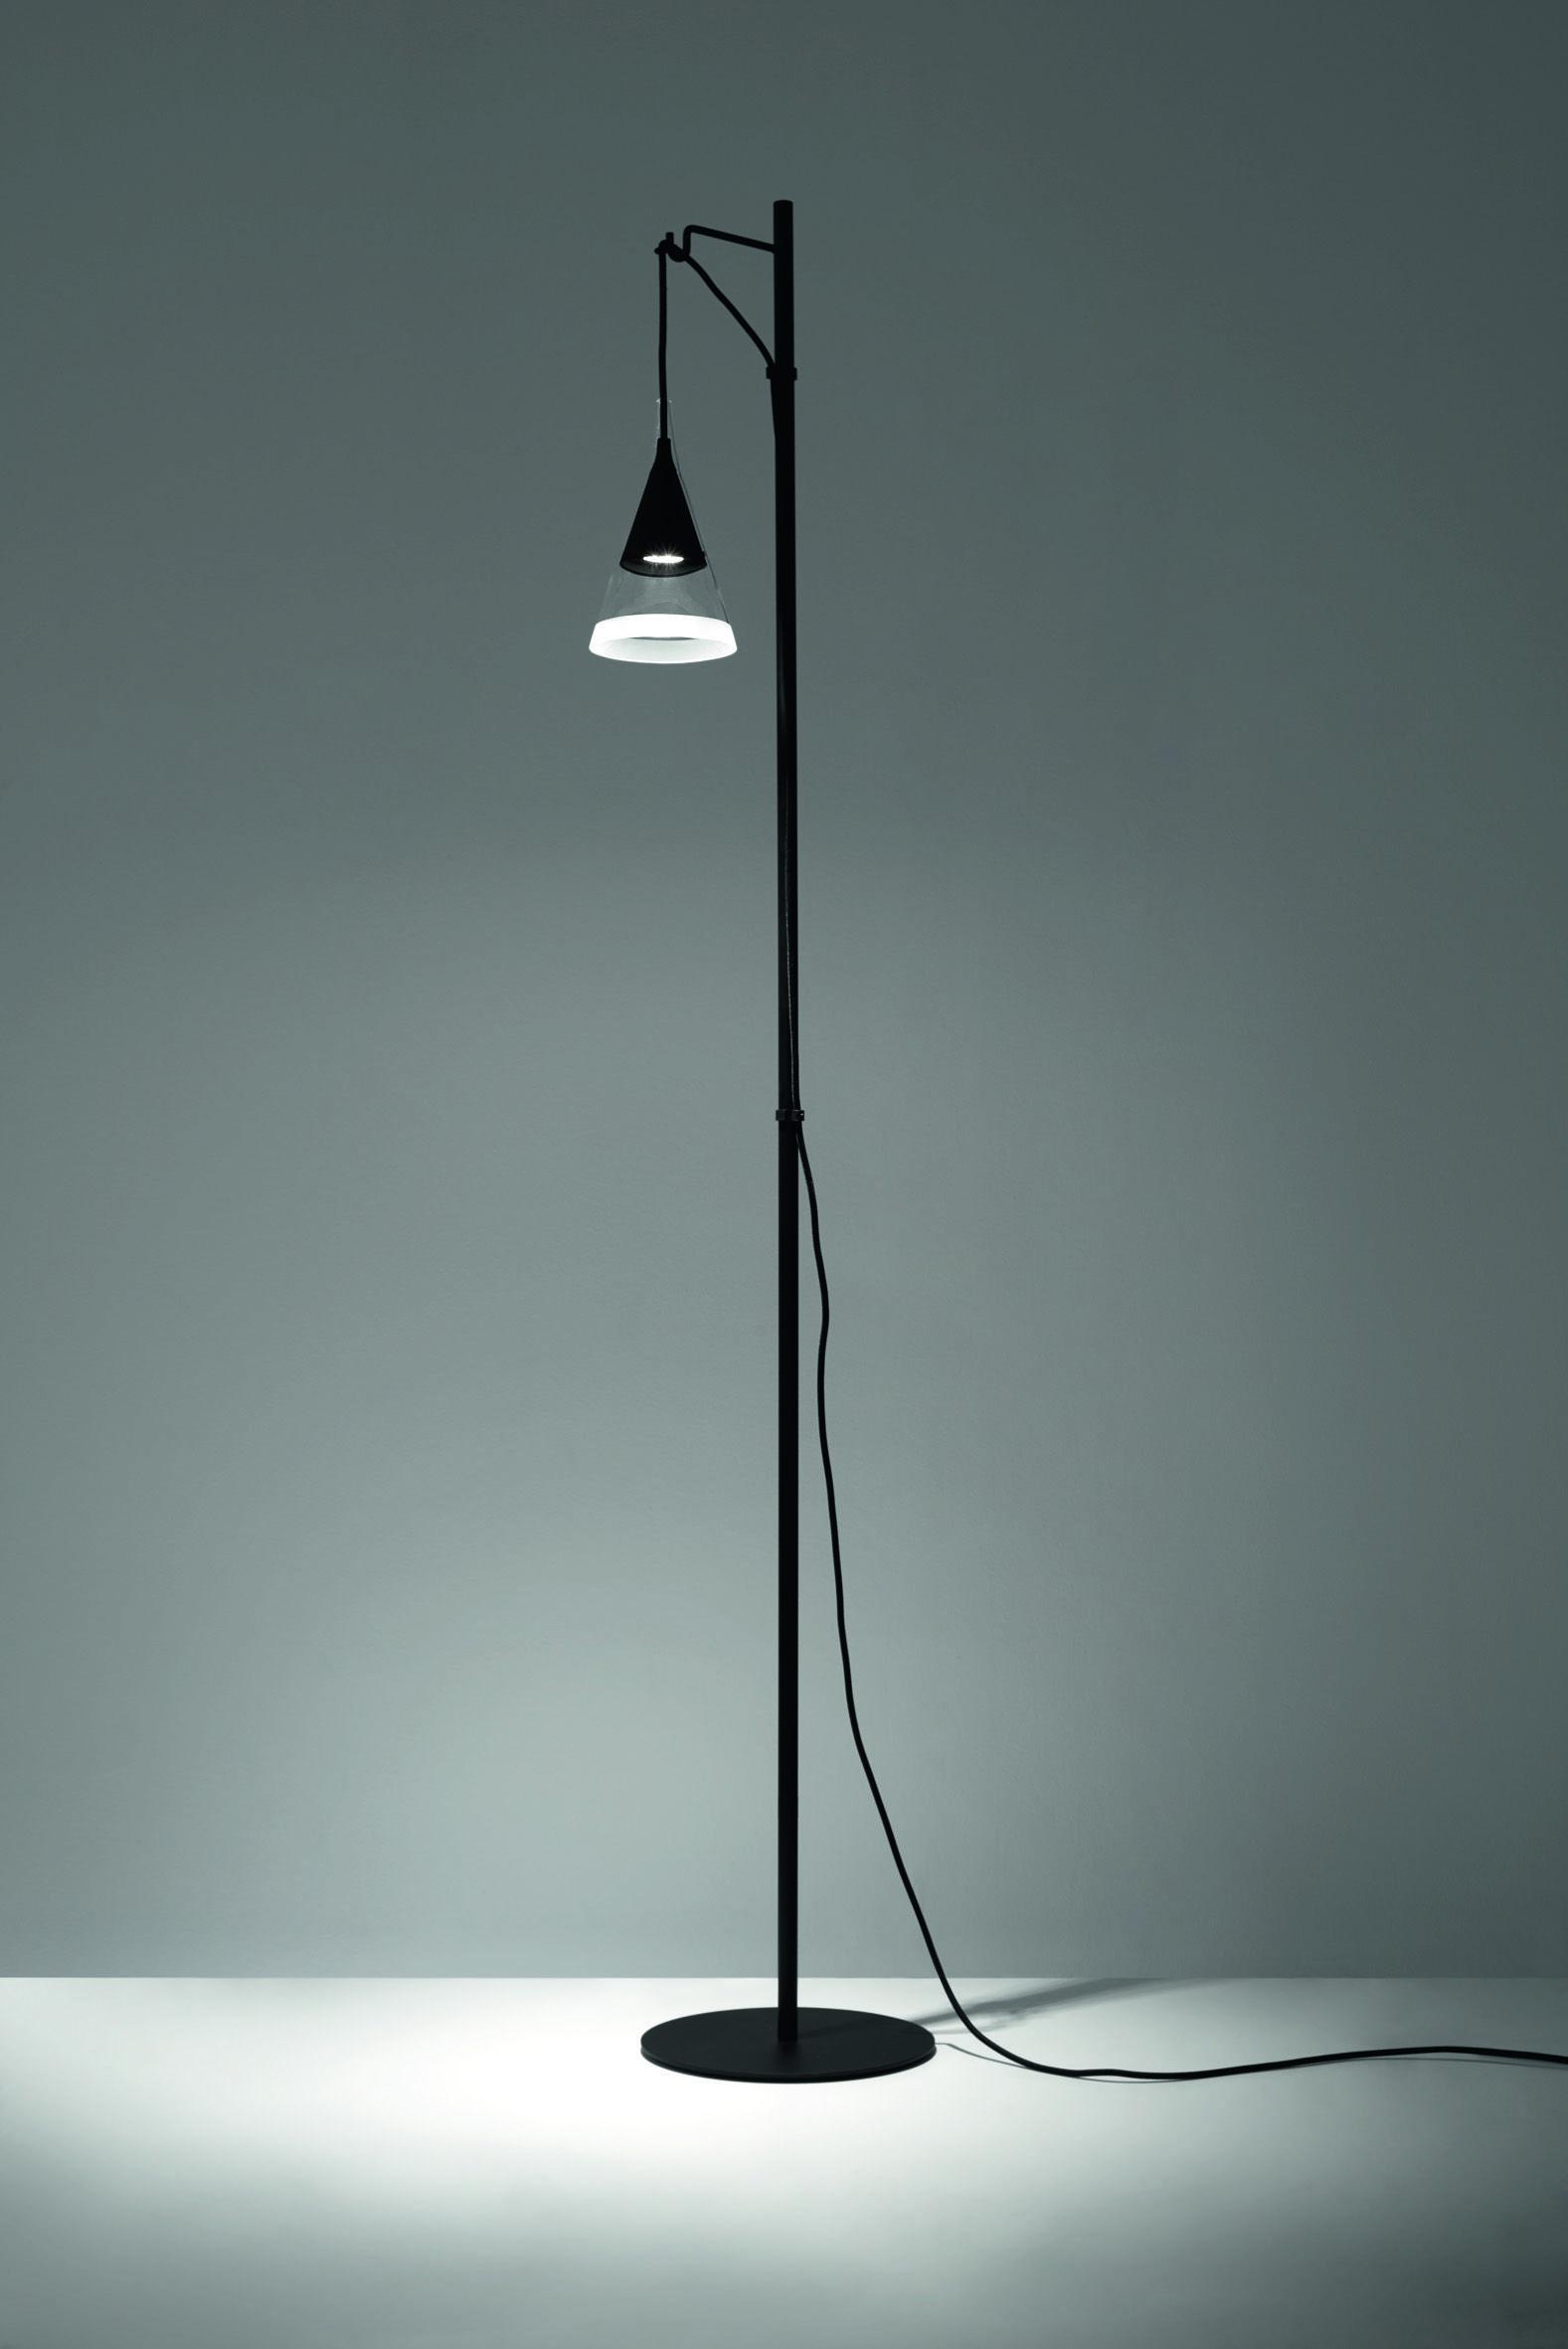 die besten 25 stehleuchte design ideen auf pinterest diy stehlampe stehleuchte aus kupfer. Black Bedroom Furniture Sets. Home Design Ideas